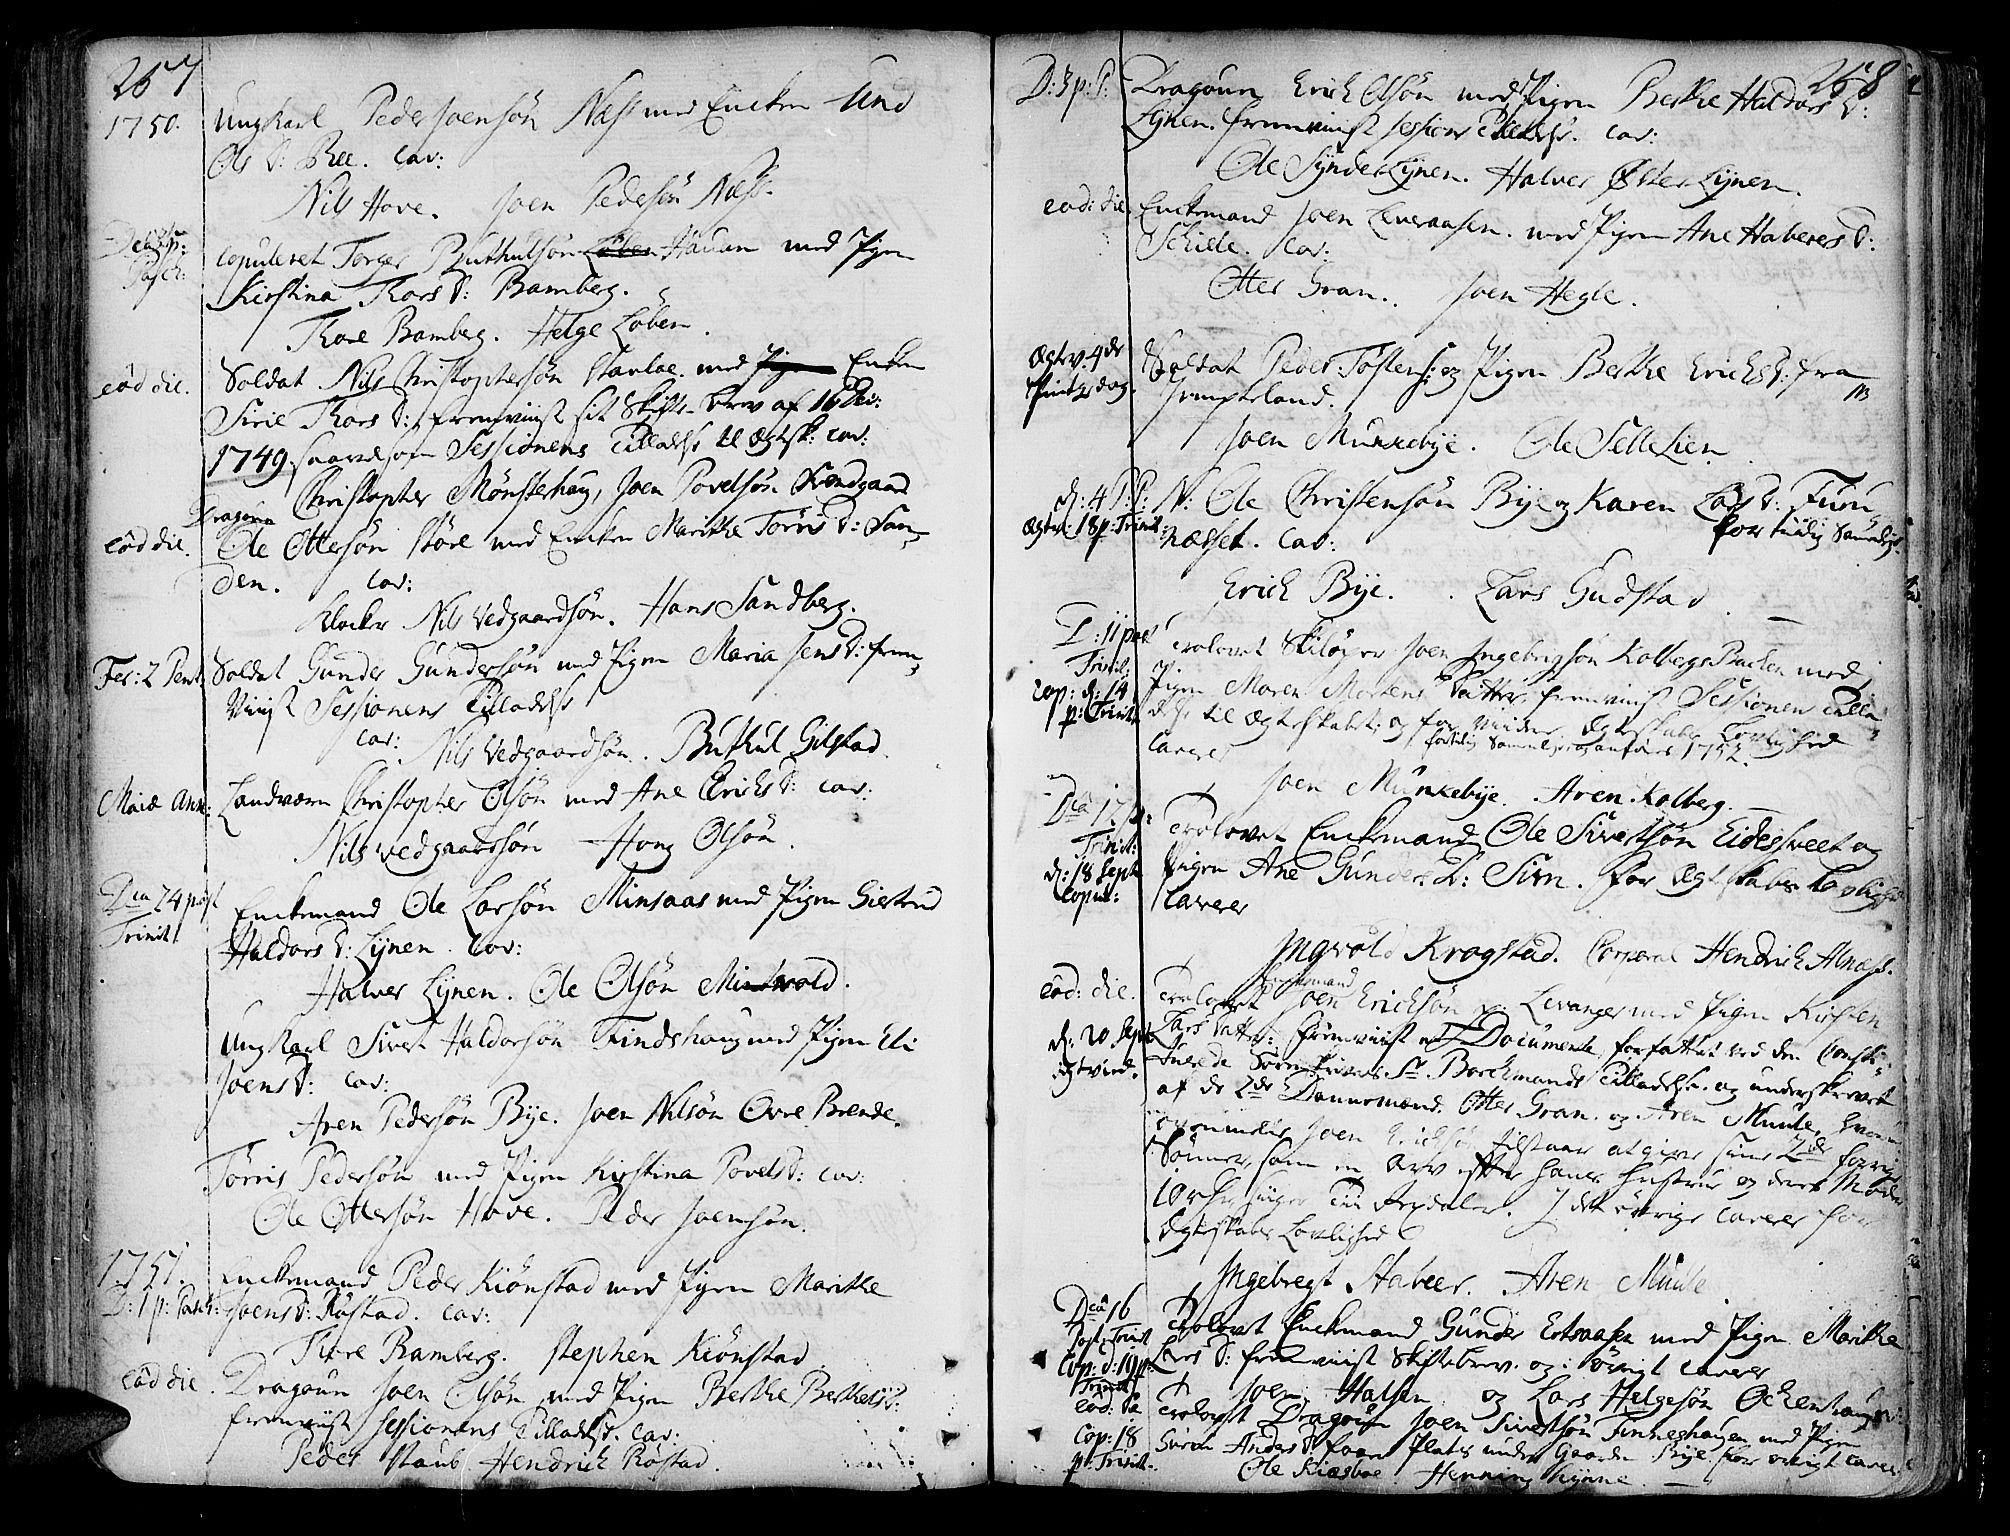 SAT, Ministerialprotokoller, klokkerbøker og fødselsregistre - Nord-Trøndelag, 717/L0141: Ministerialbok nr. 717A01, 1747-1803, s. 257-258